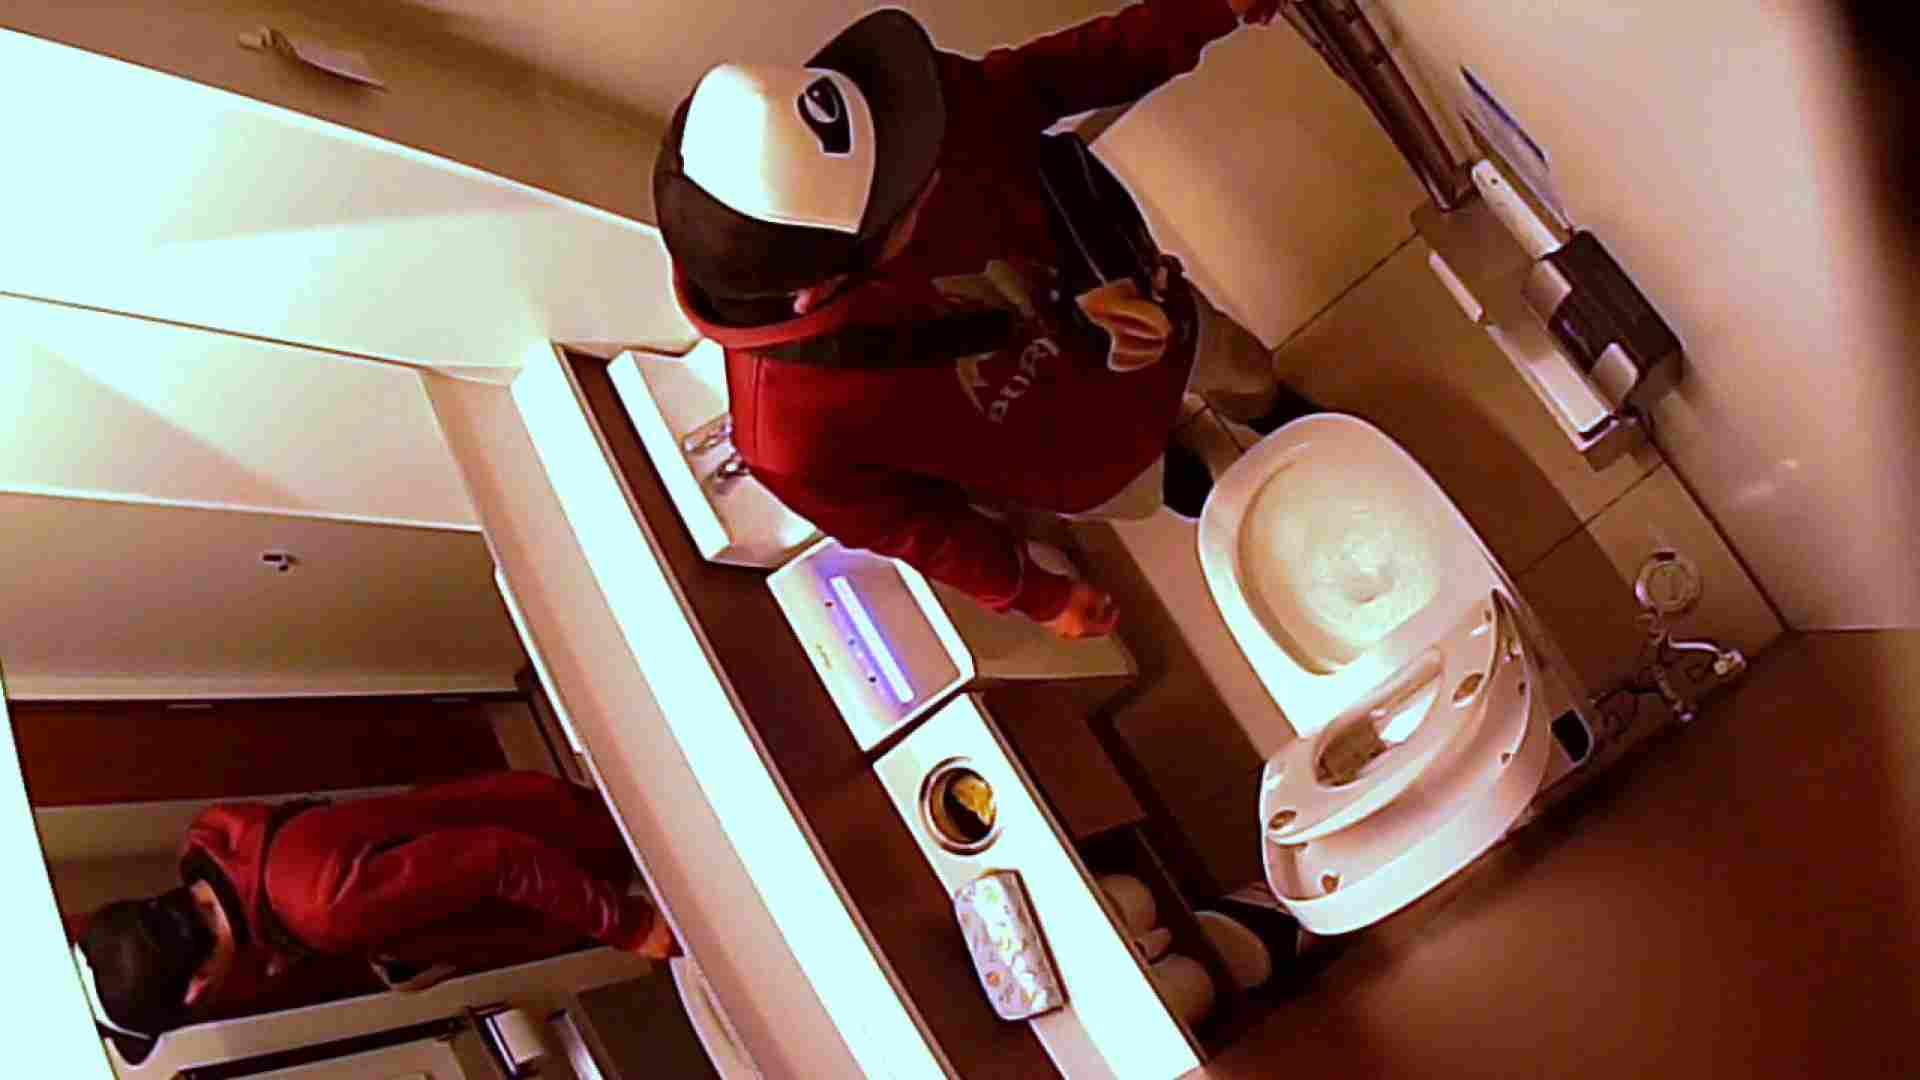 すみませんが覗かせてください Vol.31 トイレ  35連発 10